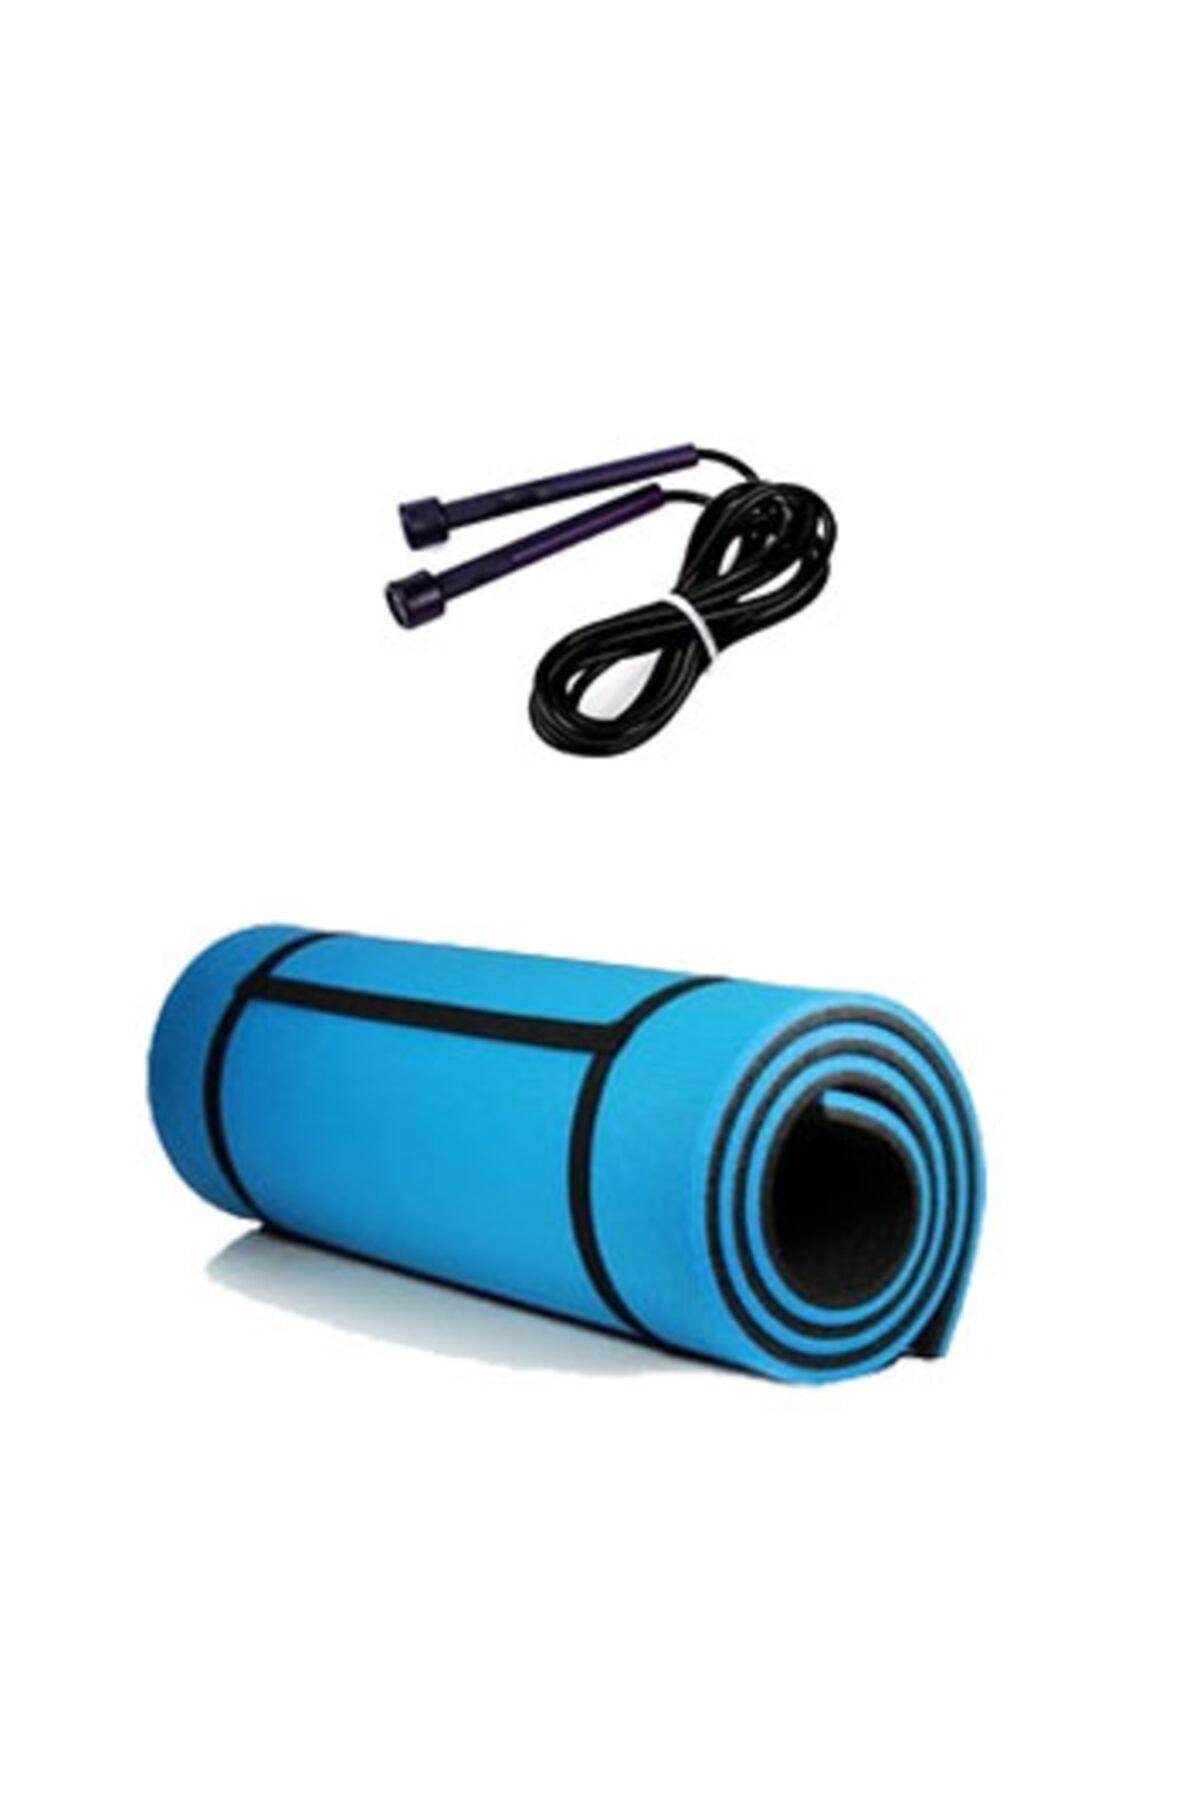 Pilates Ve Yoga Seti Mavi 10mm Pilates Minderi & Mat'ı Siyah Atlama Ipi 2'li